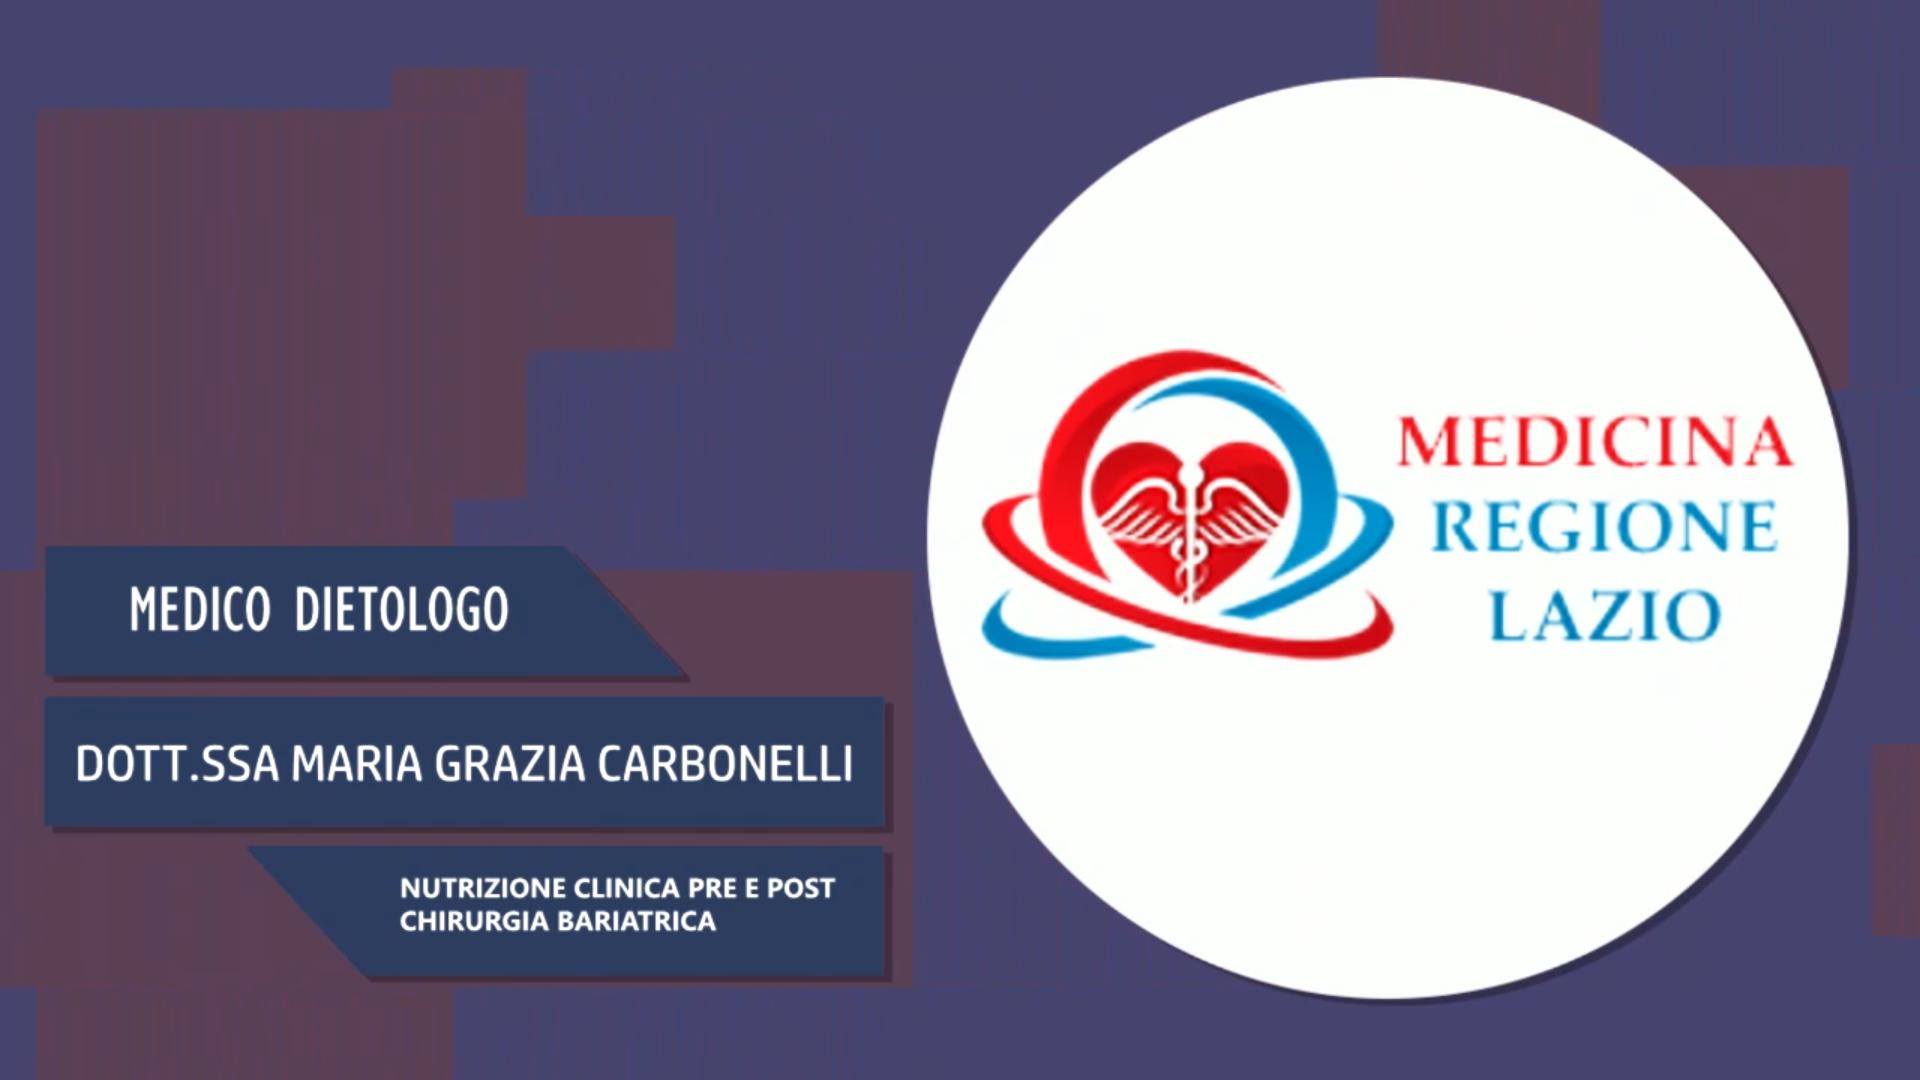 Intervista alla Dott.ssa Maria Grazia Carbonelli – Nutrizione clinica pre e post chirurgia bariatrica